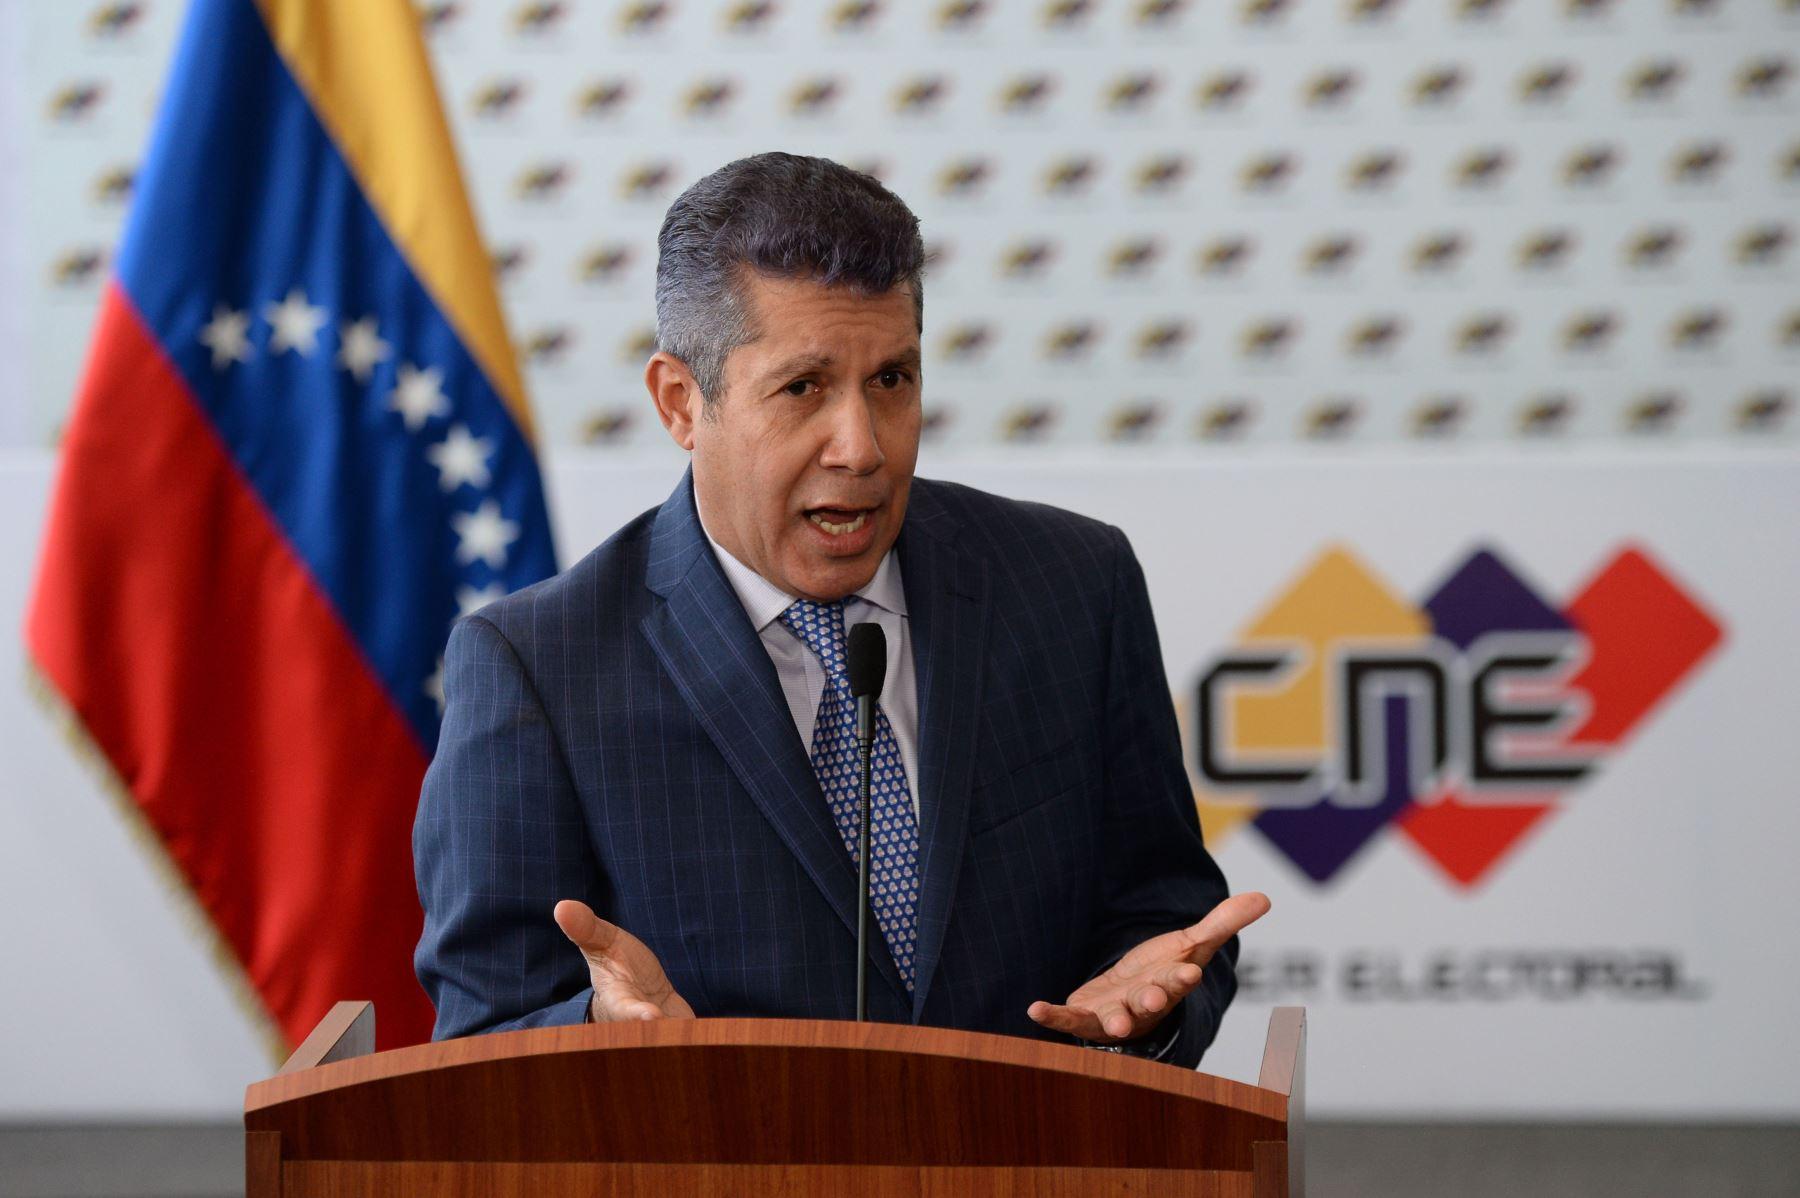 Venezuela celebrará el 20 de mayo controvertidas elecciones presidenciales